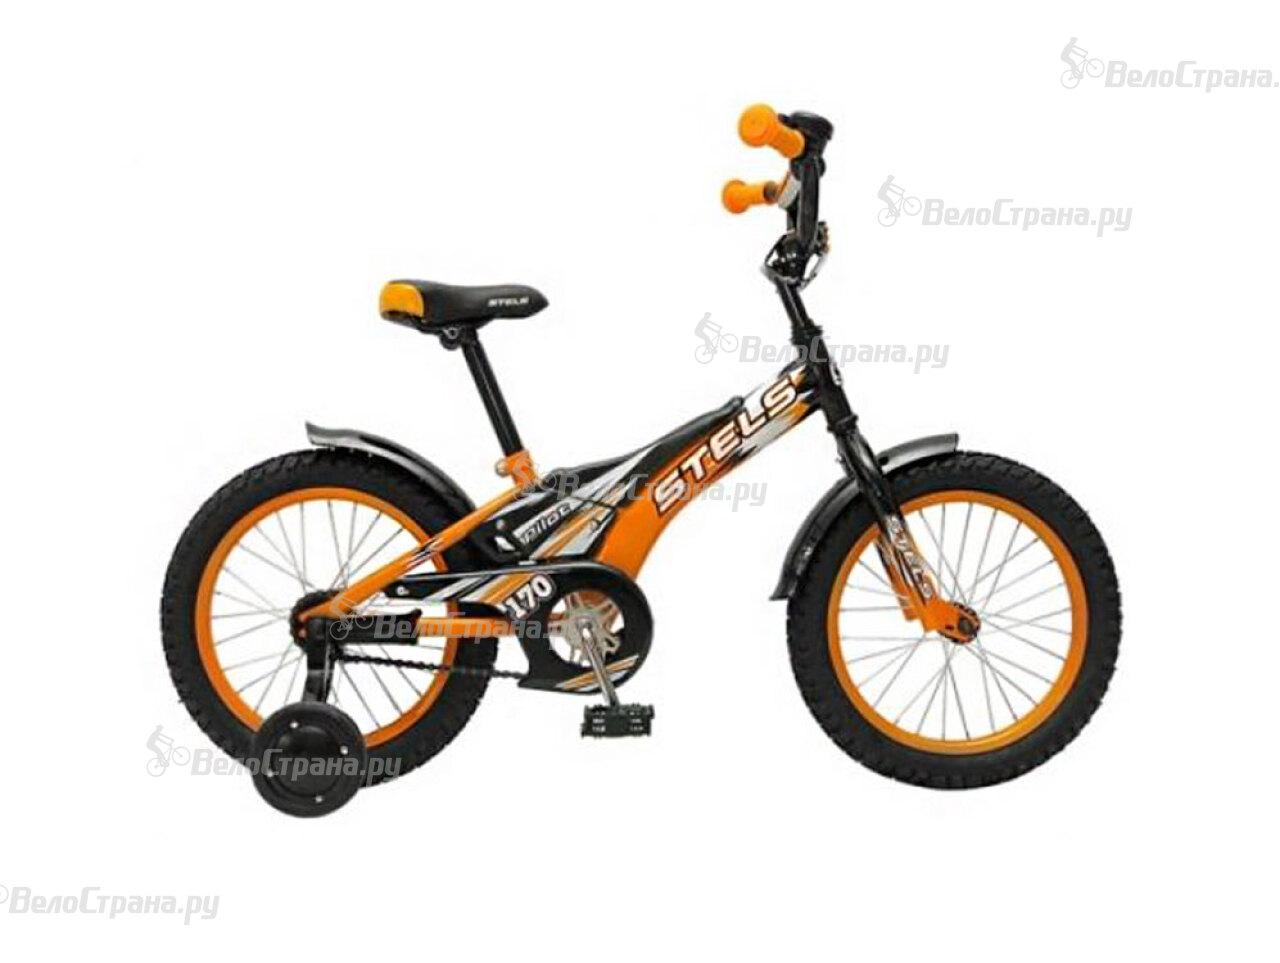 Велосипед Stels Pilot 170 18 (2013) велосипед stels pilot 170 16 2016